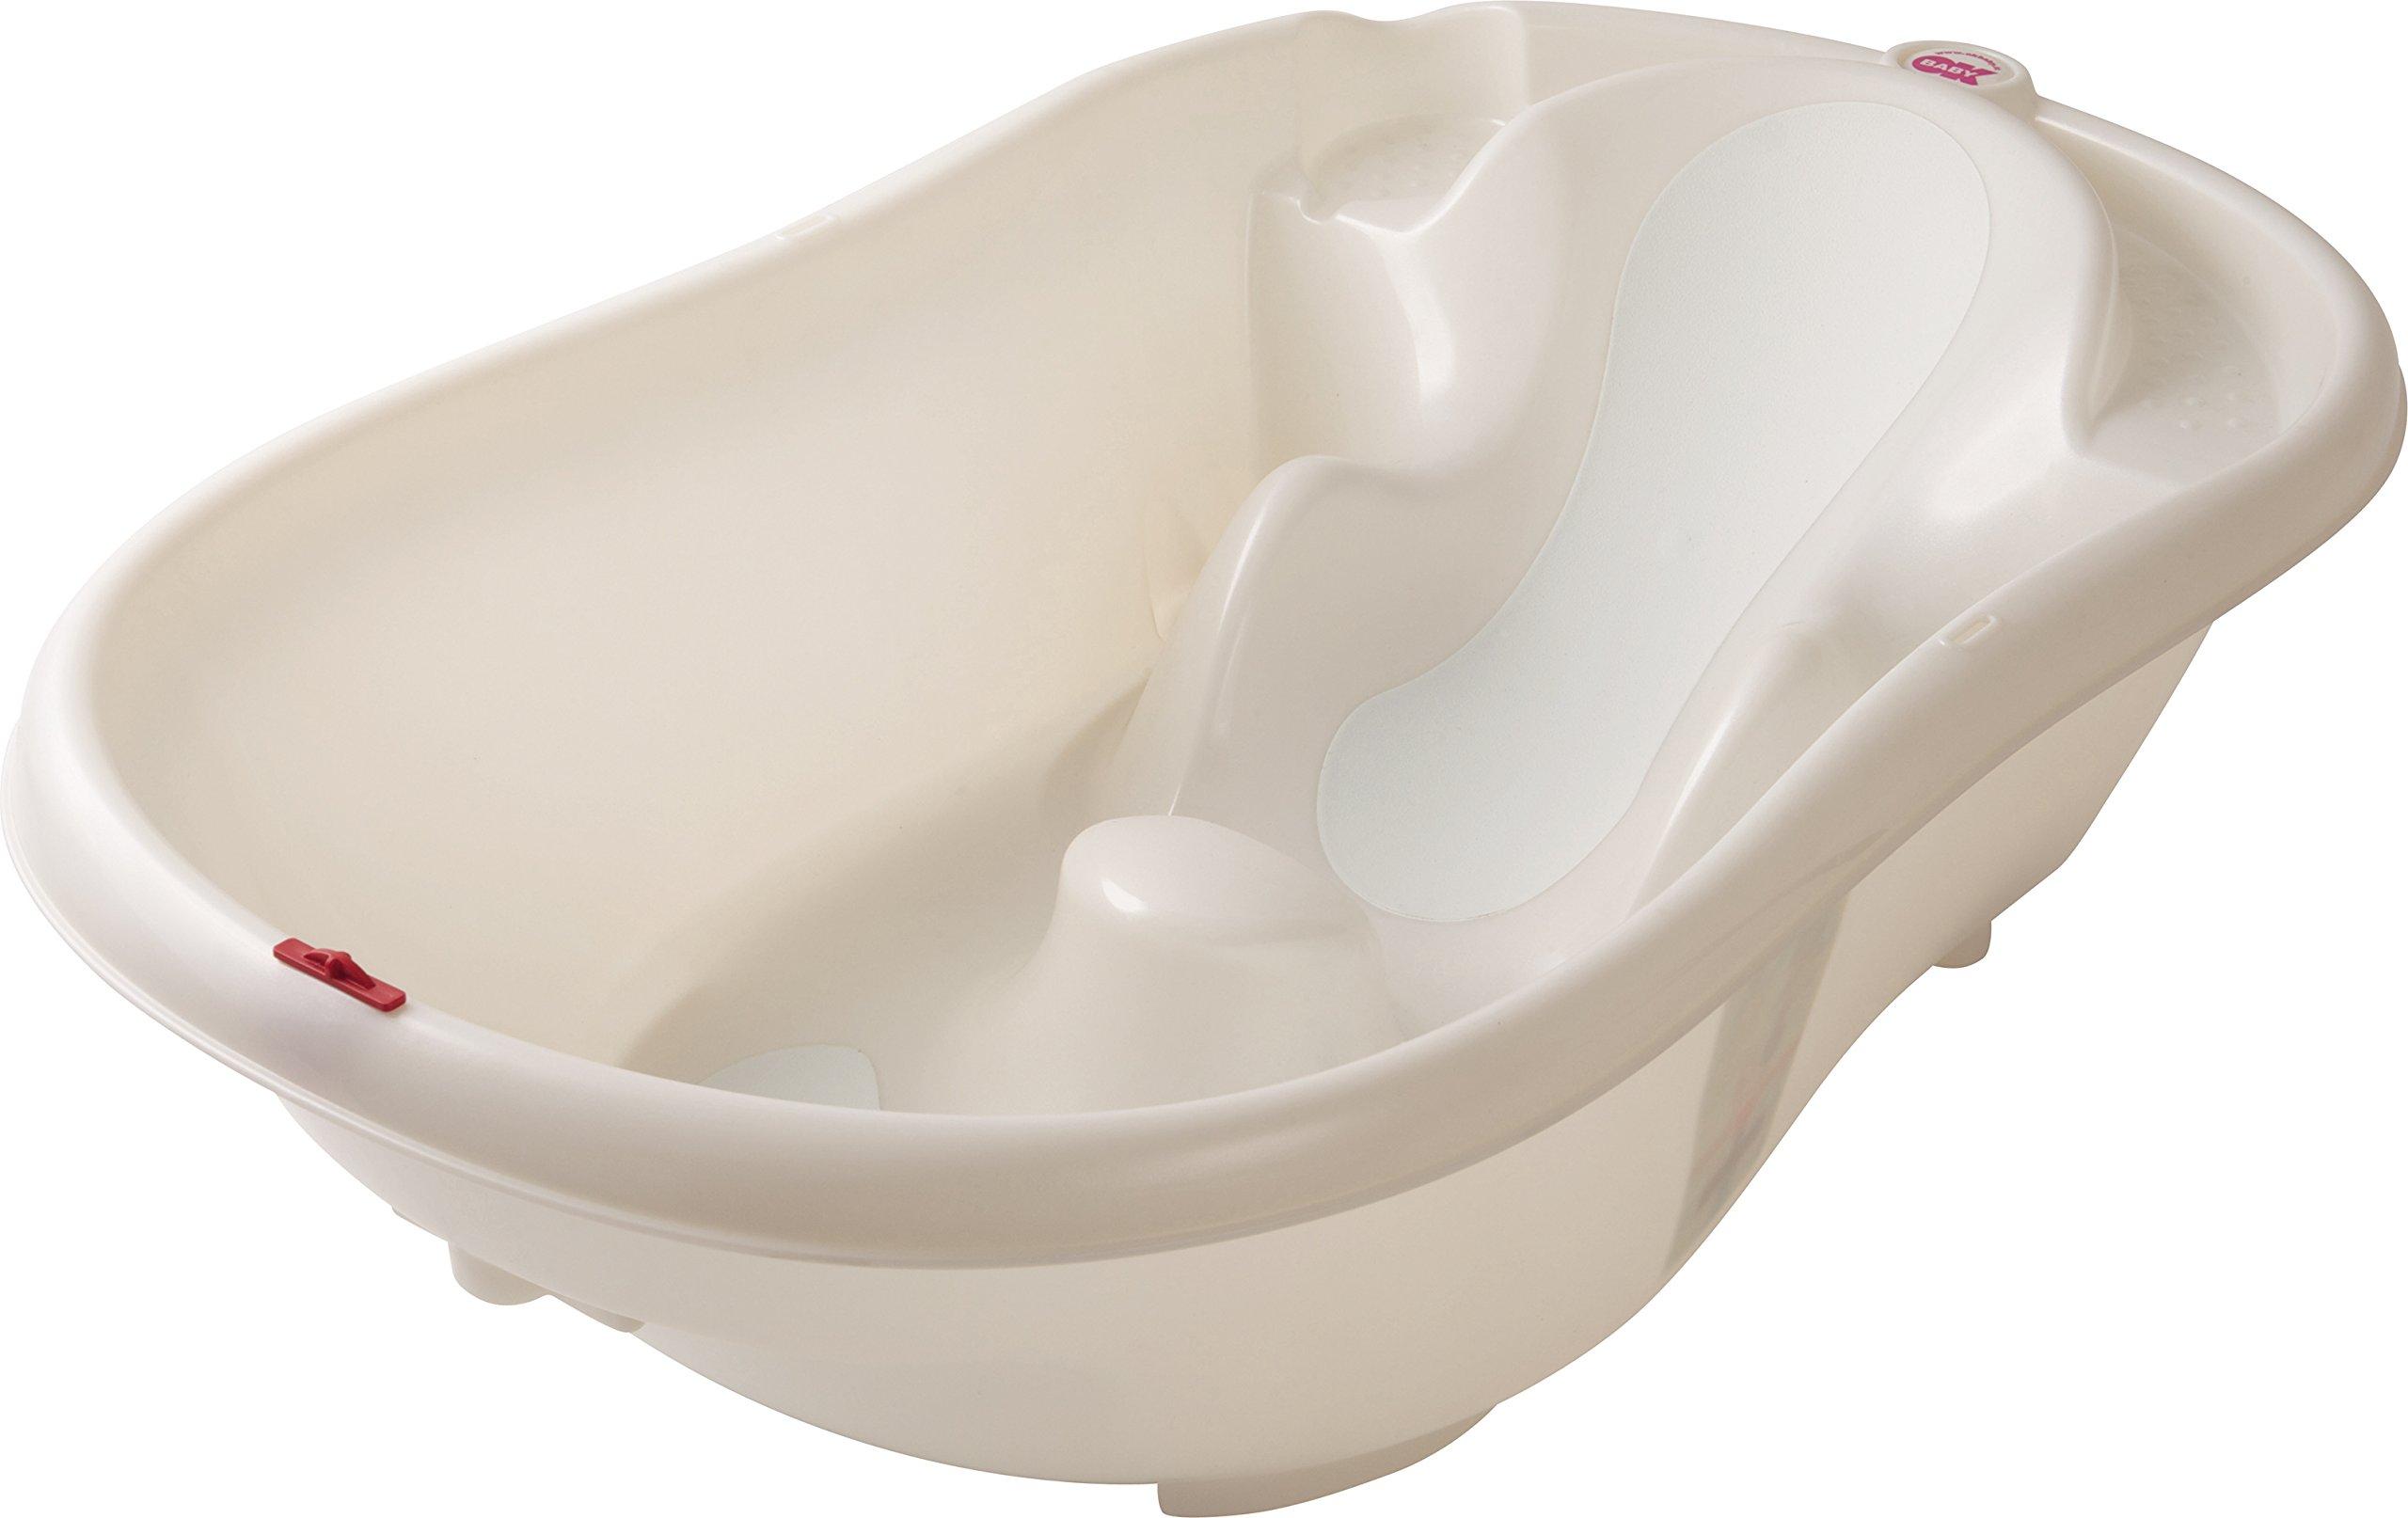 Piccola Vasca Da Bagno Nella Quale Si Sta Seduti : Mini bagno progetto idee decorazioni